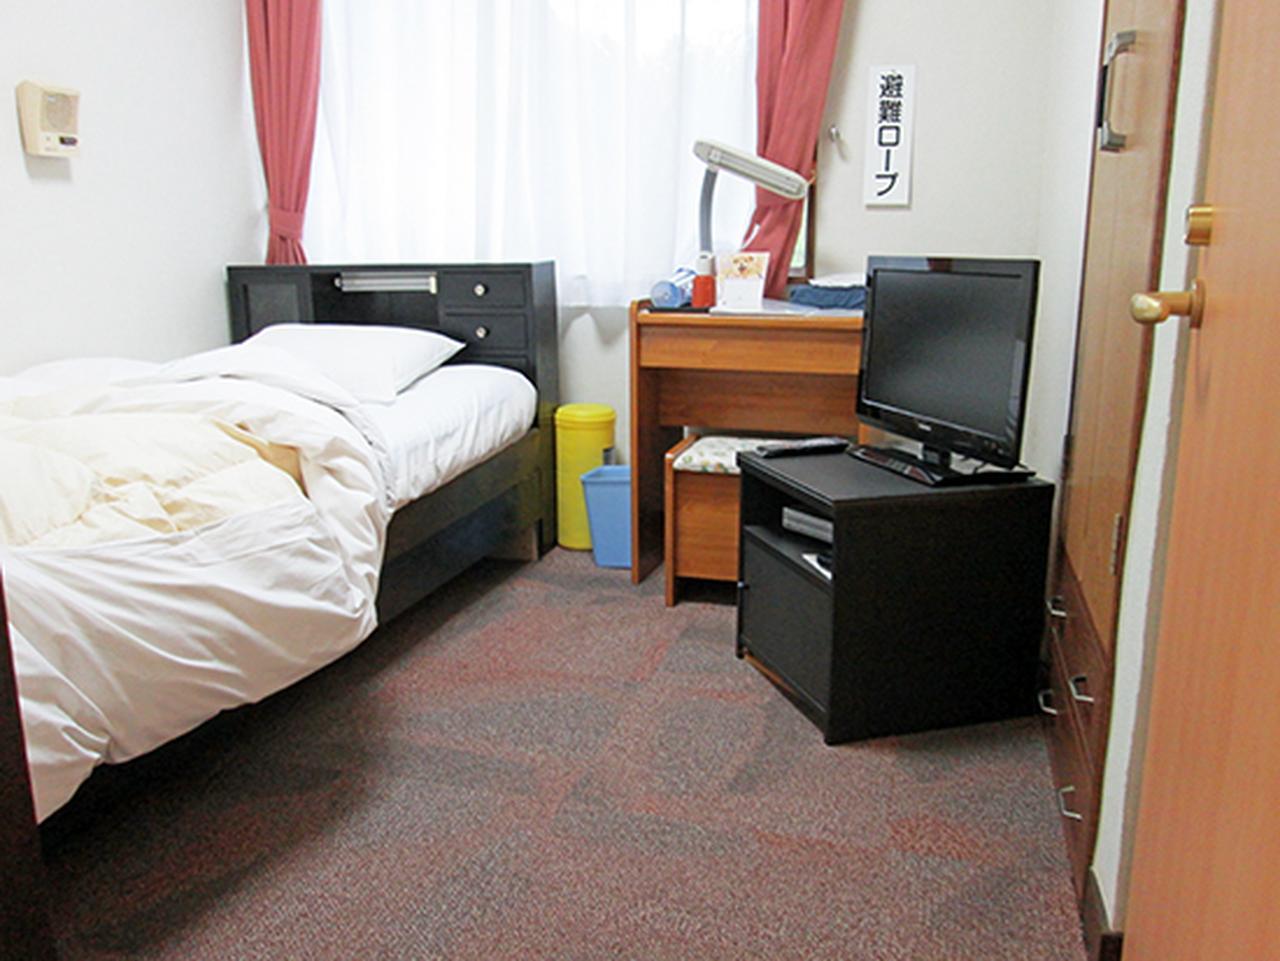 画像: 断食するなら伊豆にある全室個室の断食ホテル(ソフトな断食道場)|アイウェルネス伊豆高原